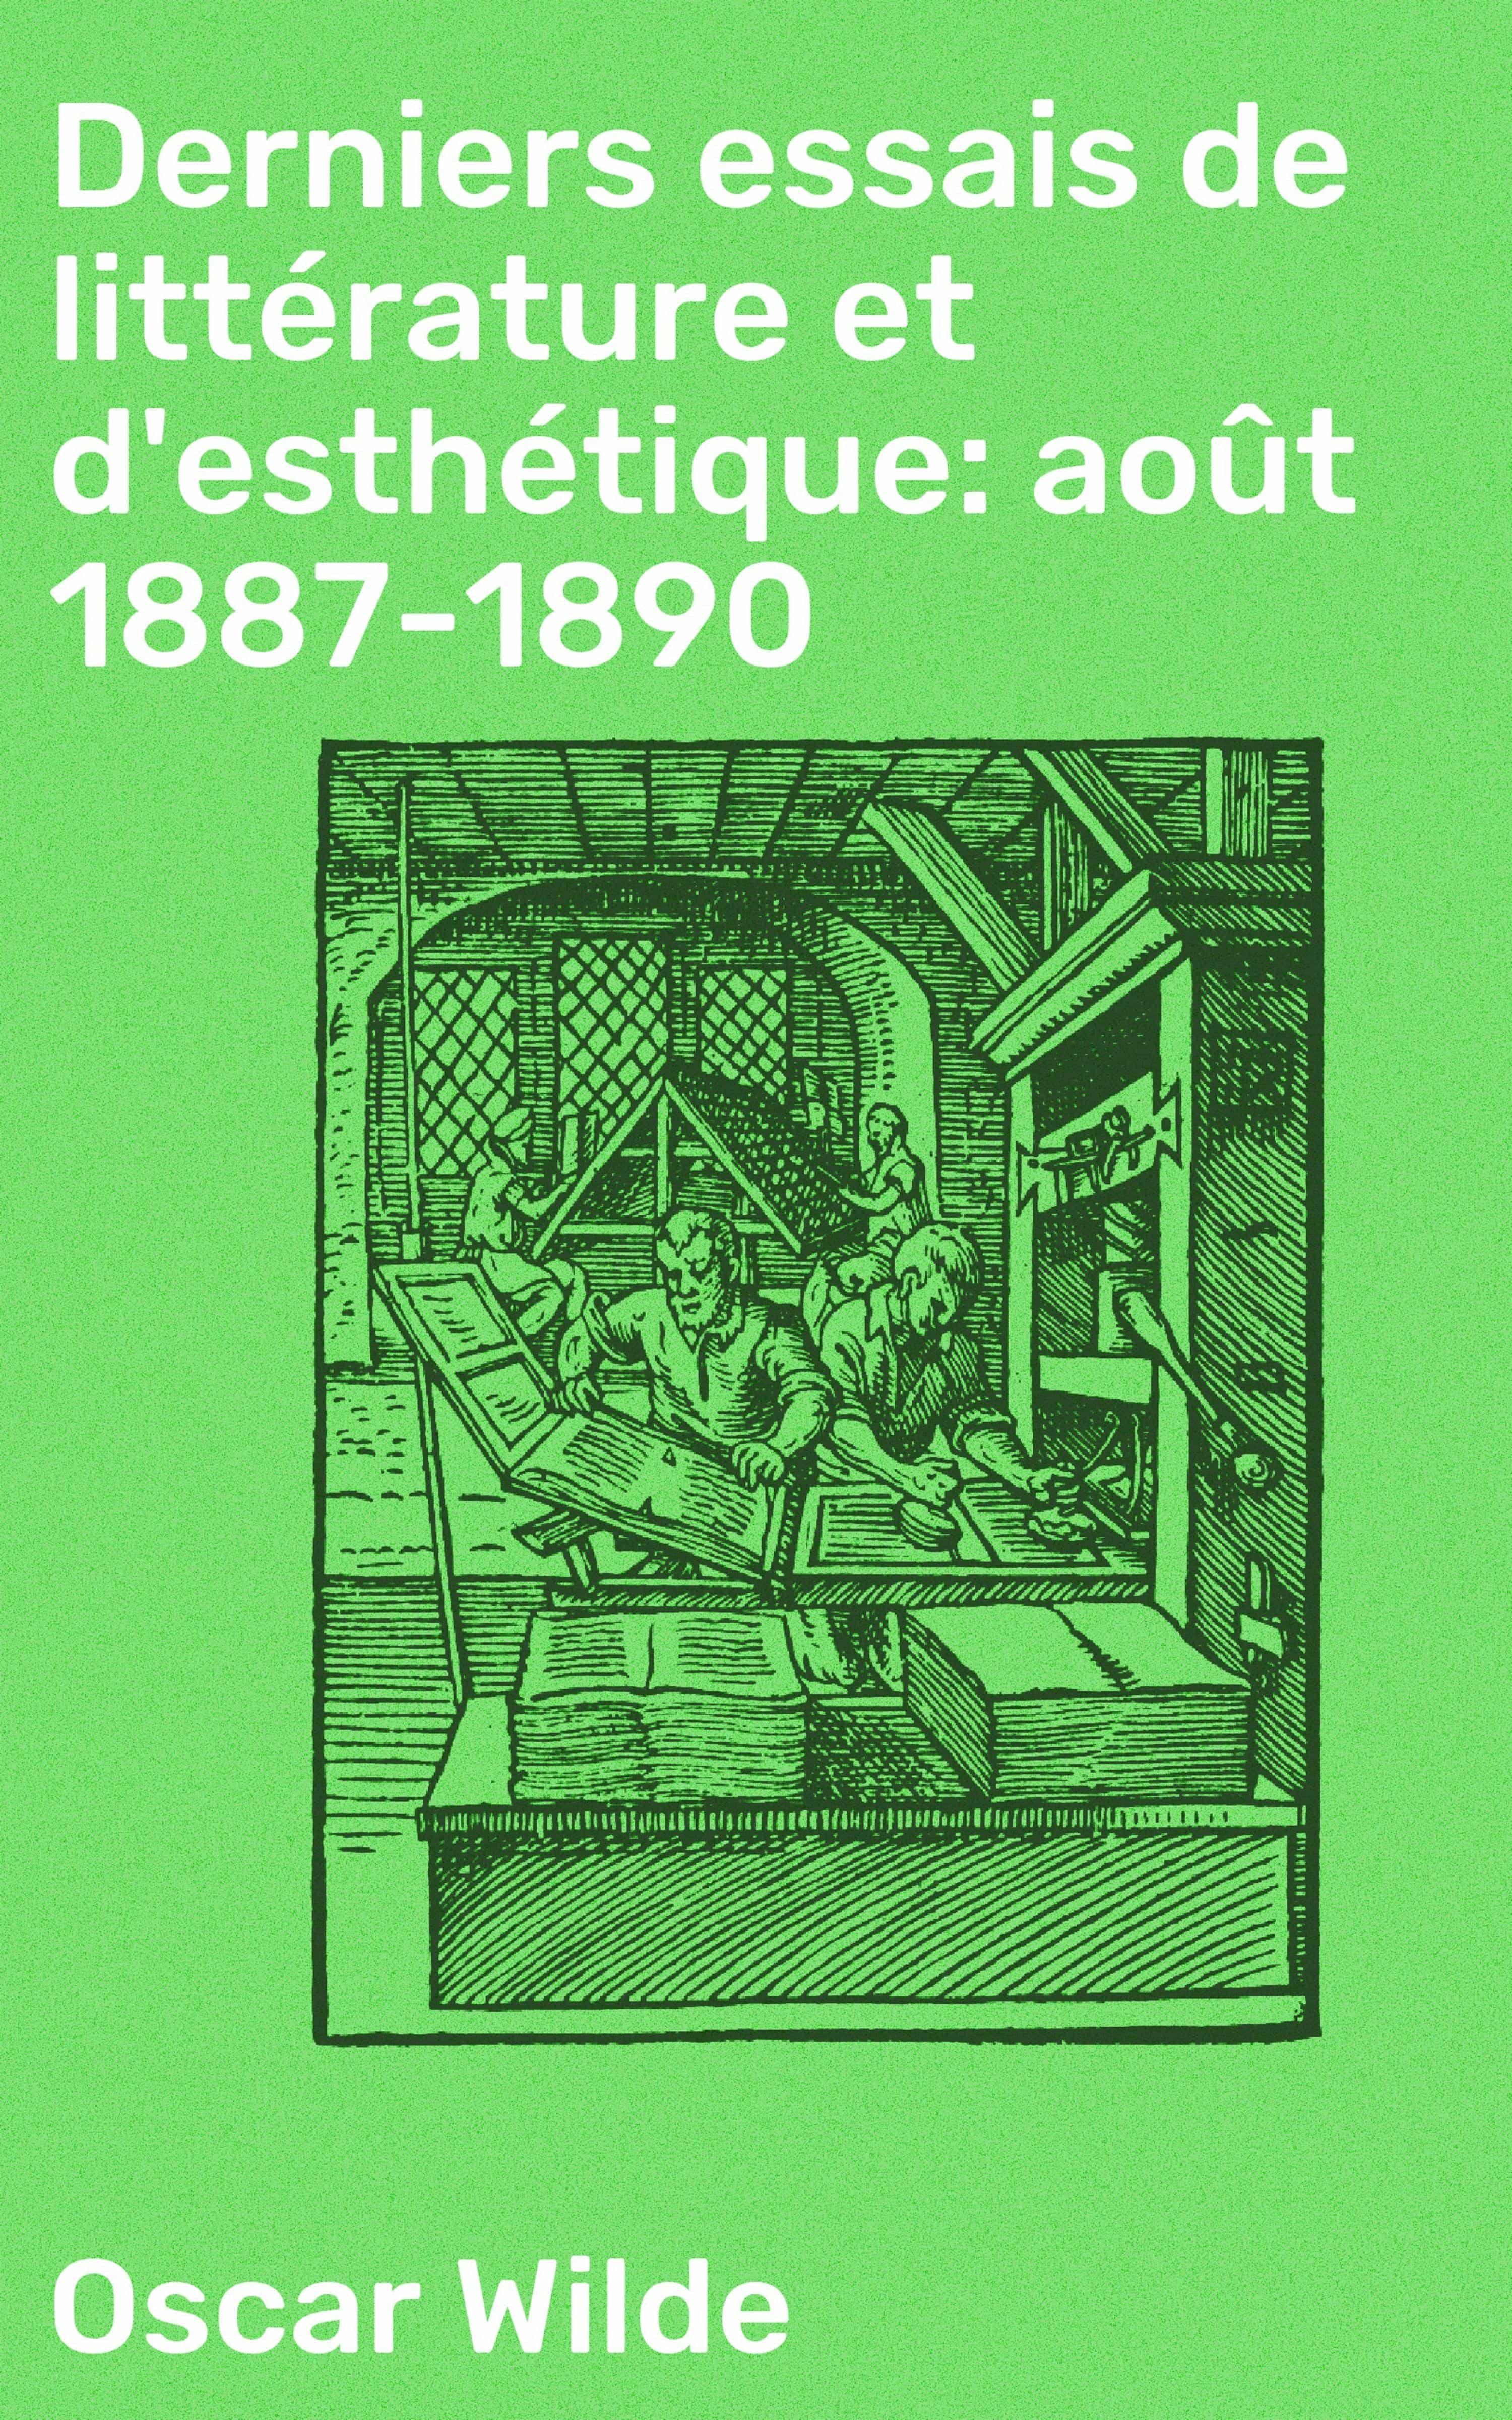 Derniers essais de littérature et d'esthétique: août 1887-1890 (ebook)